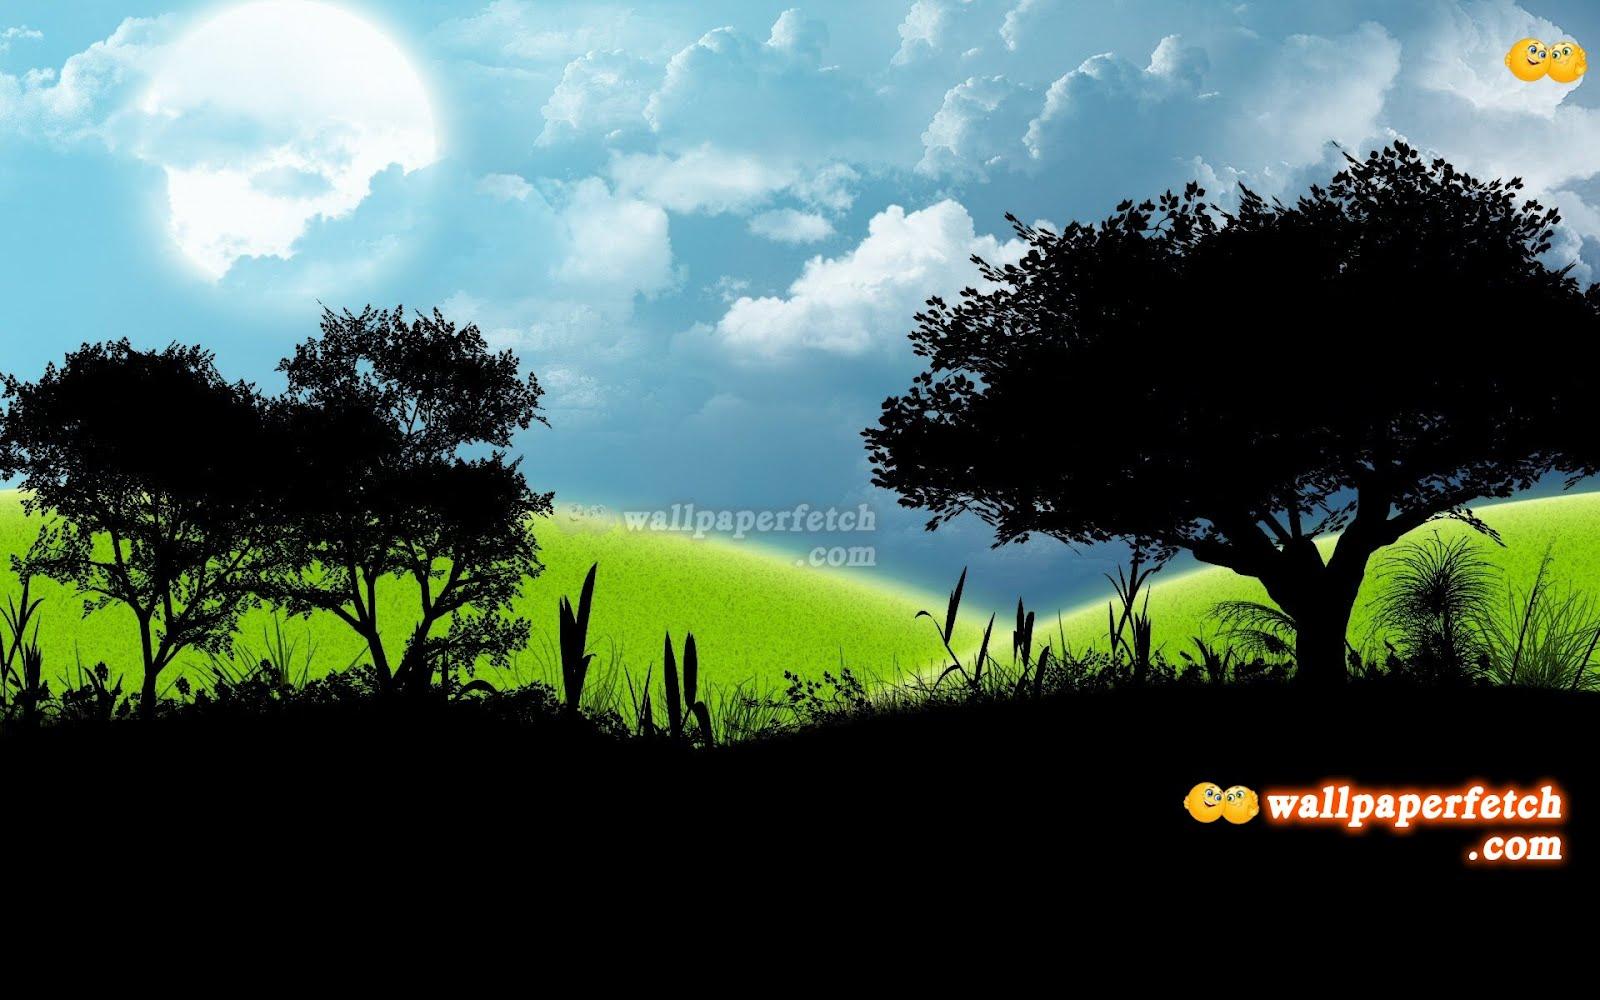 http://1.bp.blogspot.com/-1PyN_Si_iFs/T6lhdEq9dZI/AAAAAAAAL50/aqYoFhw0UsQ/s1600/artificial-black-green-nature-1920x1200.jpg